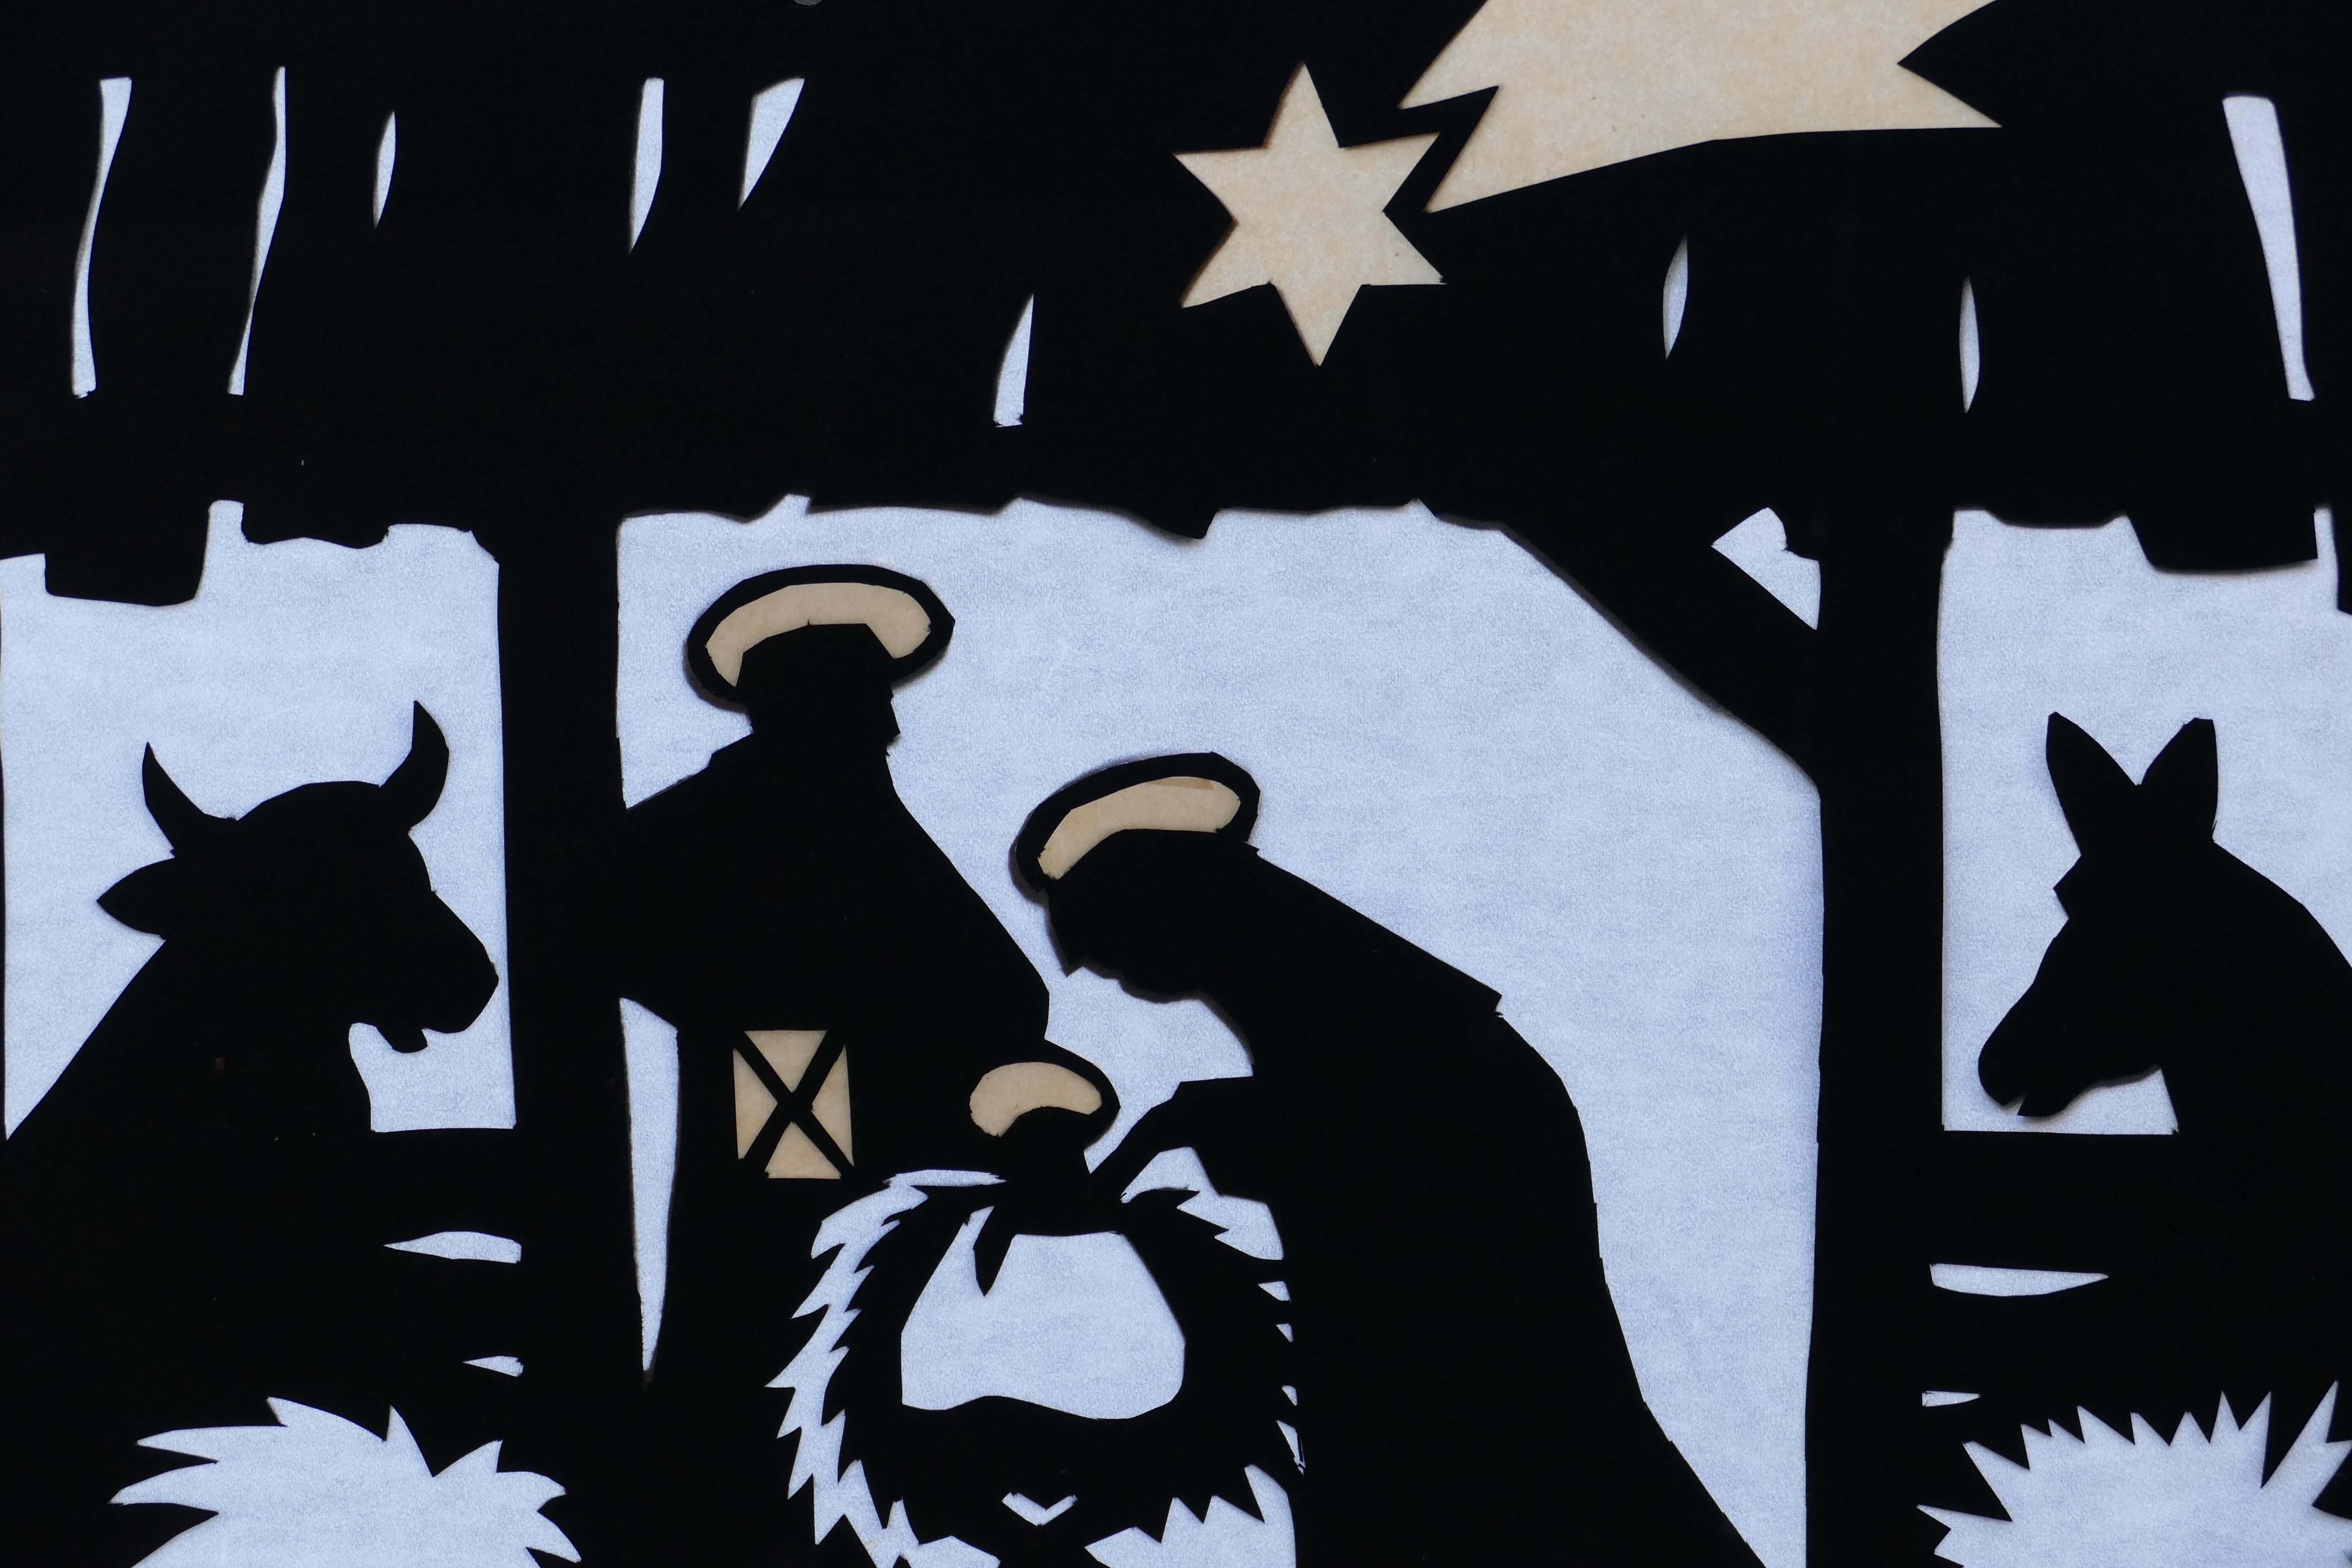 Dibujos De Navidad Con Jesus.Fotos Gratis Silueta Pajaro Estrella Negro Burro